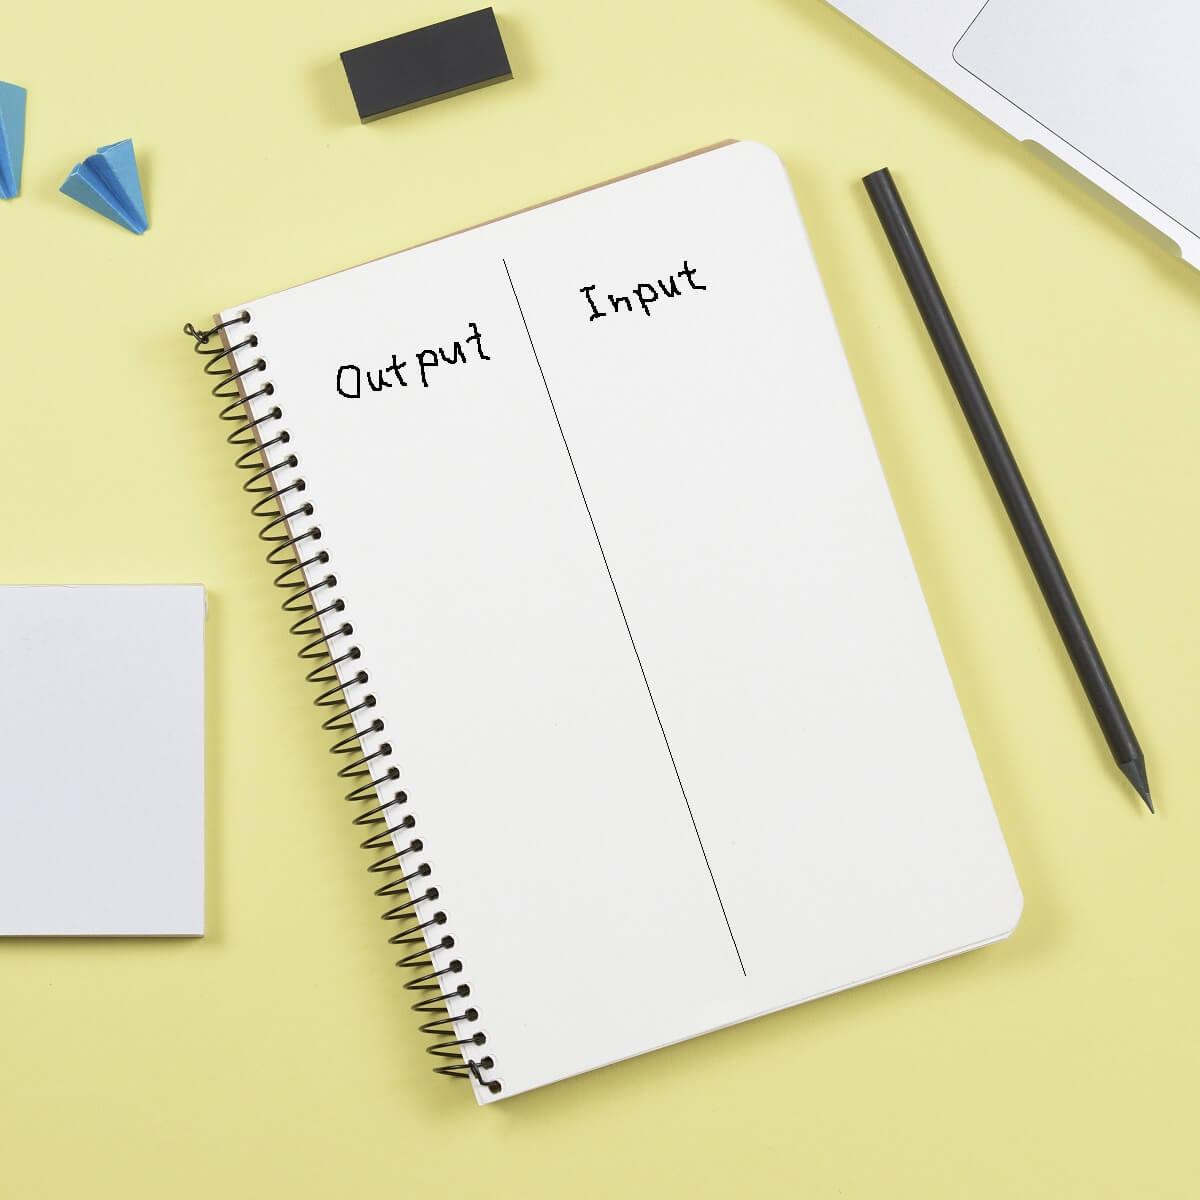 左側にOutput、右側にInputと書かれたノート。